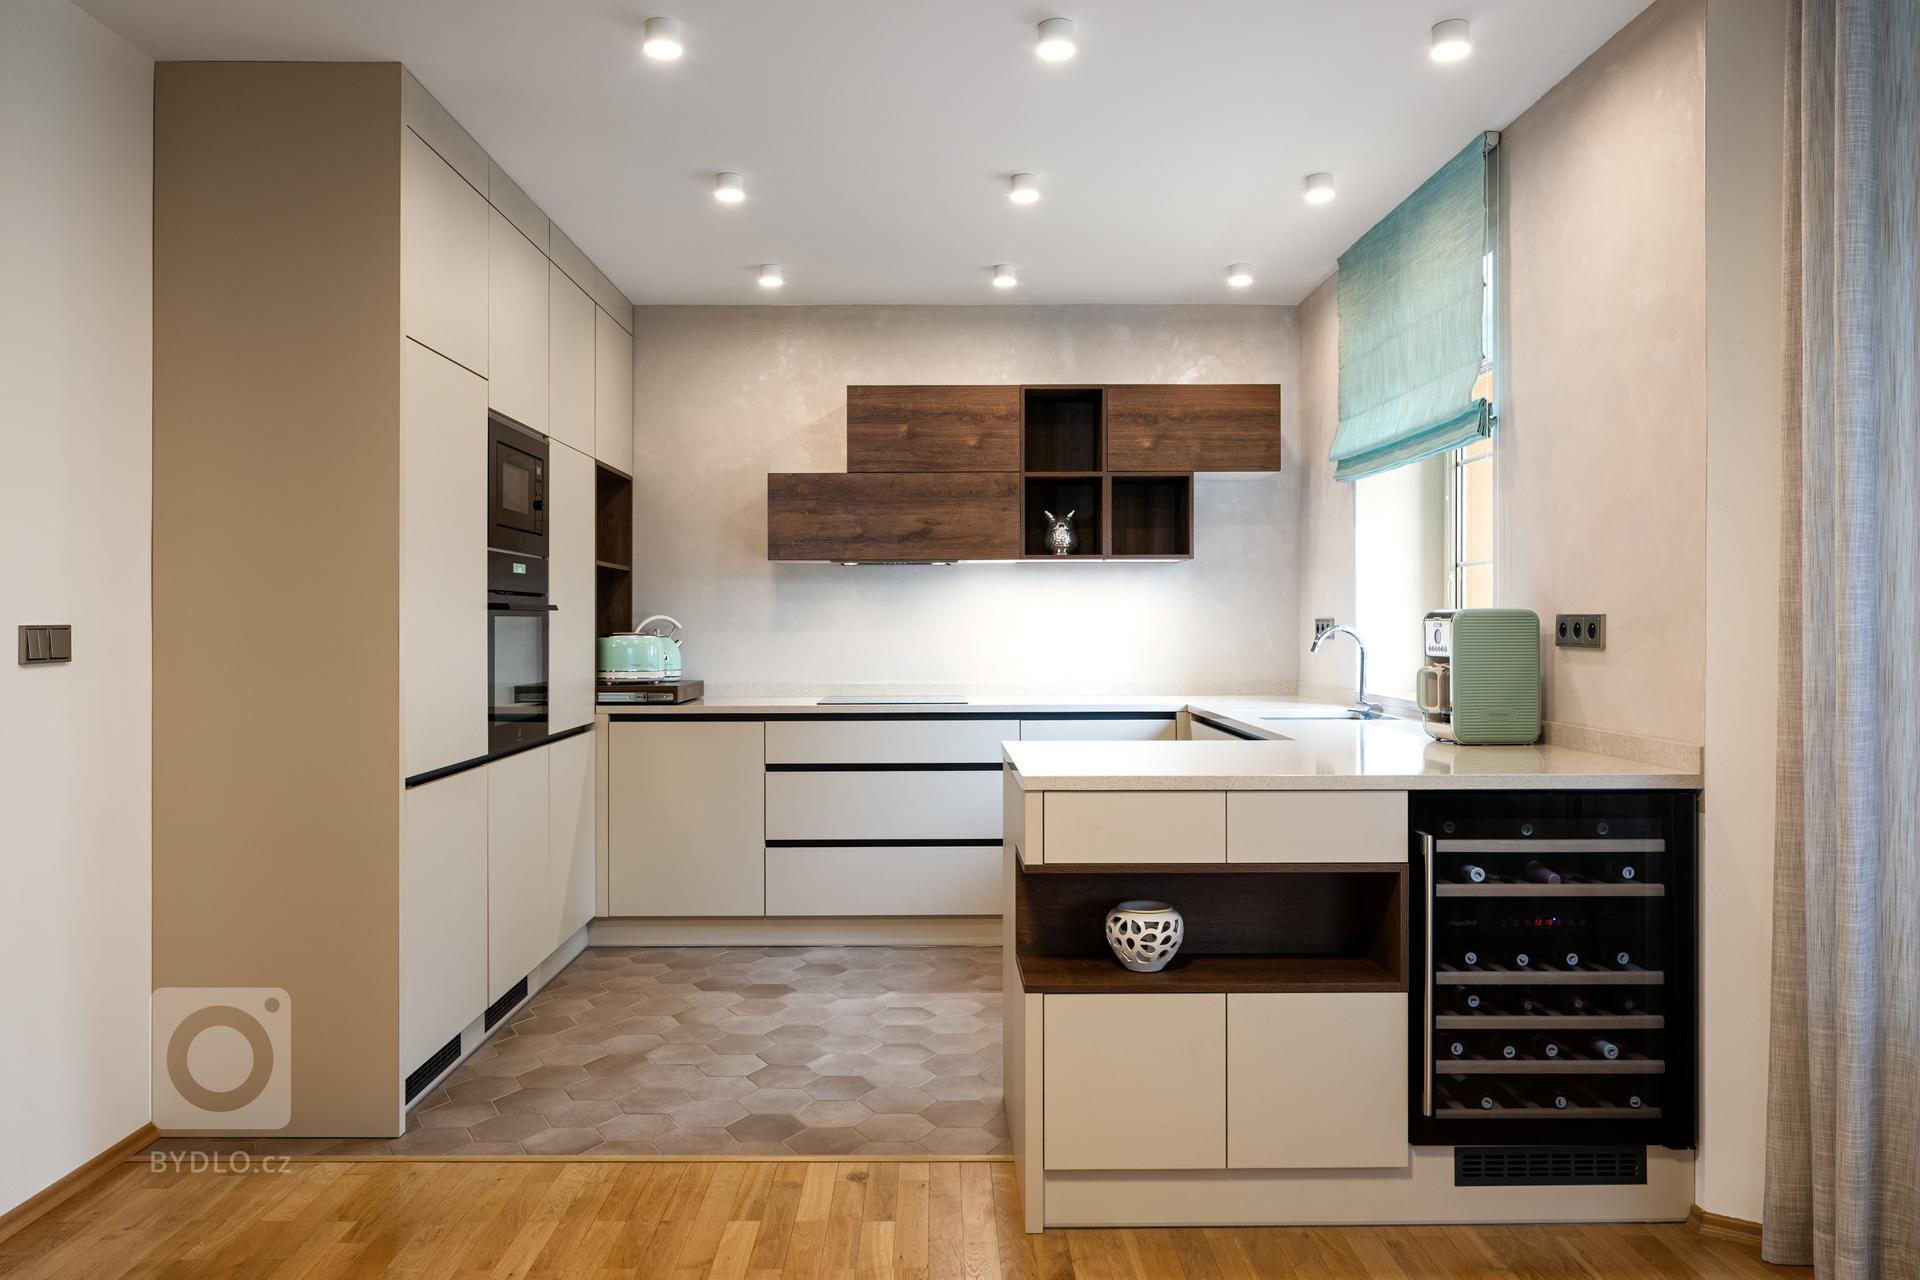 Rekonstrukce kuchyně s jídelnou - Obrázek č. 1